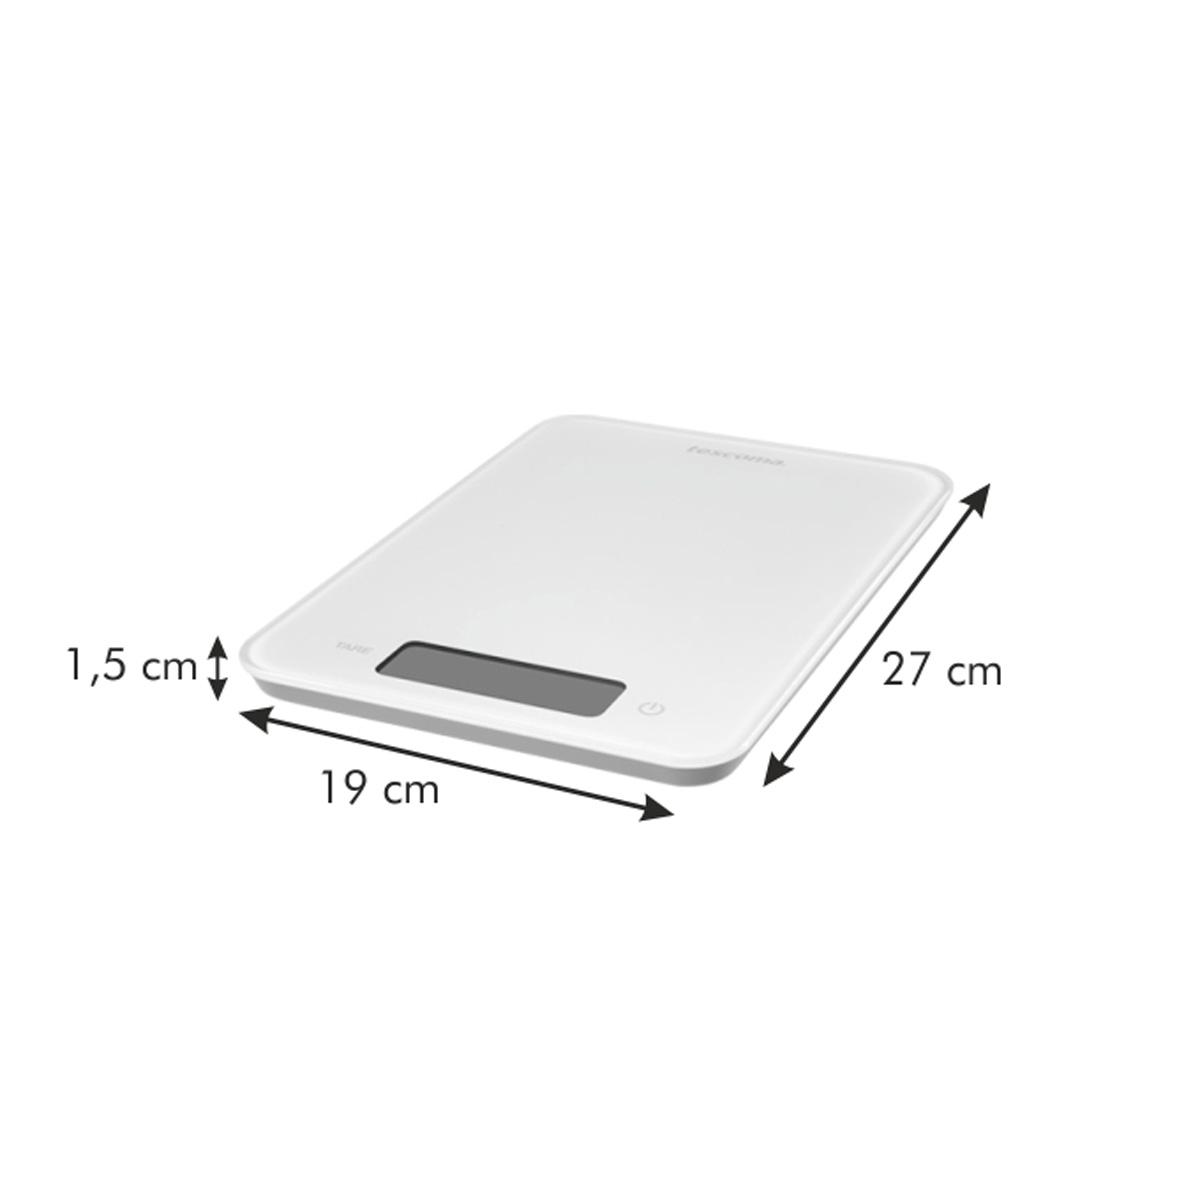 Digitální kuchyňská váha ACCURA 15.0 kg